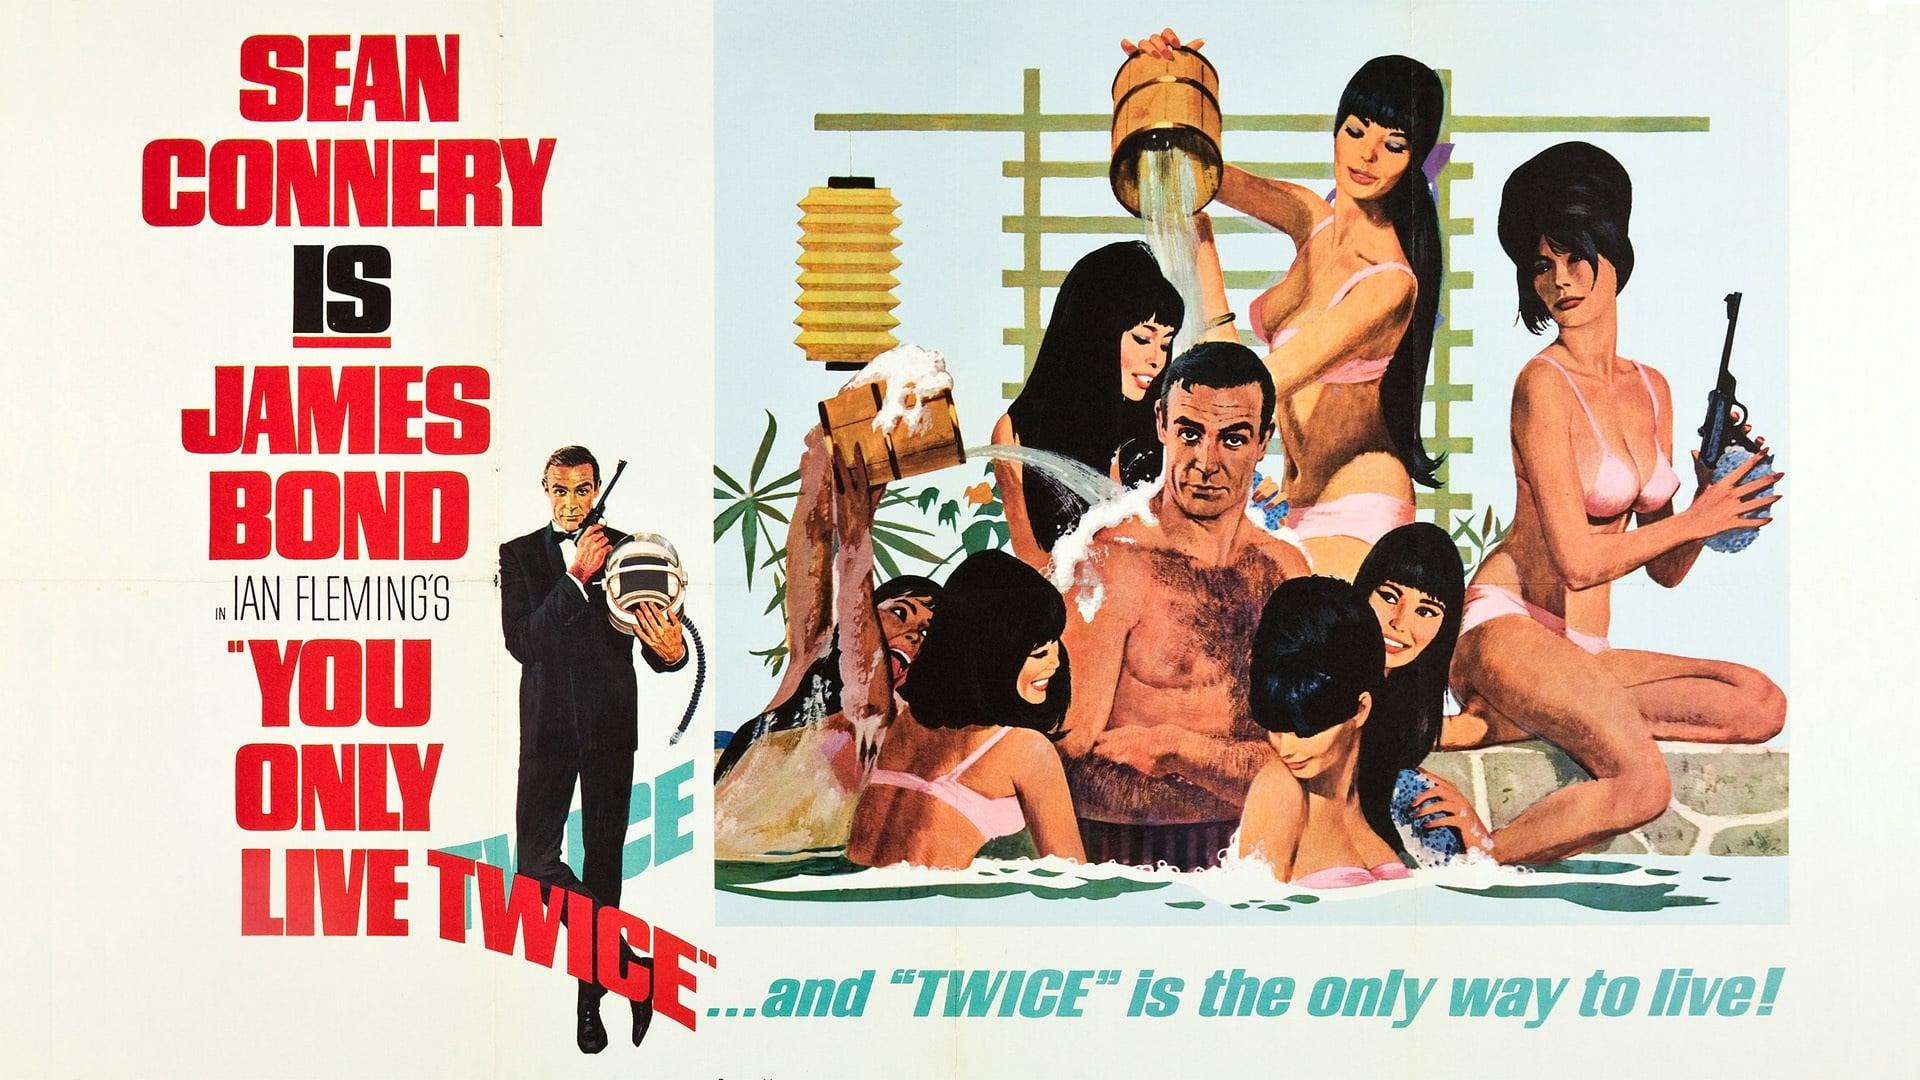 You Only Live Twice - IMDb